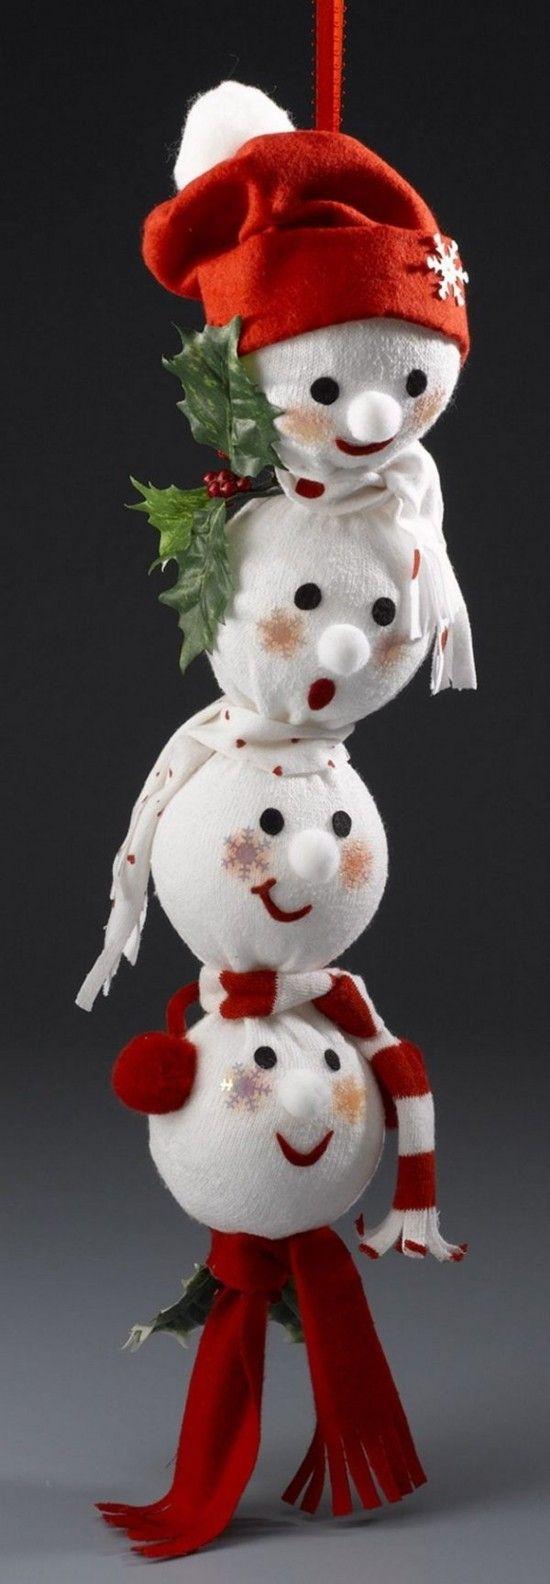 40 Ideen zum Schneemann aus Socken Basteln